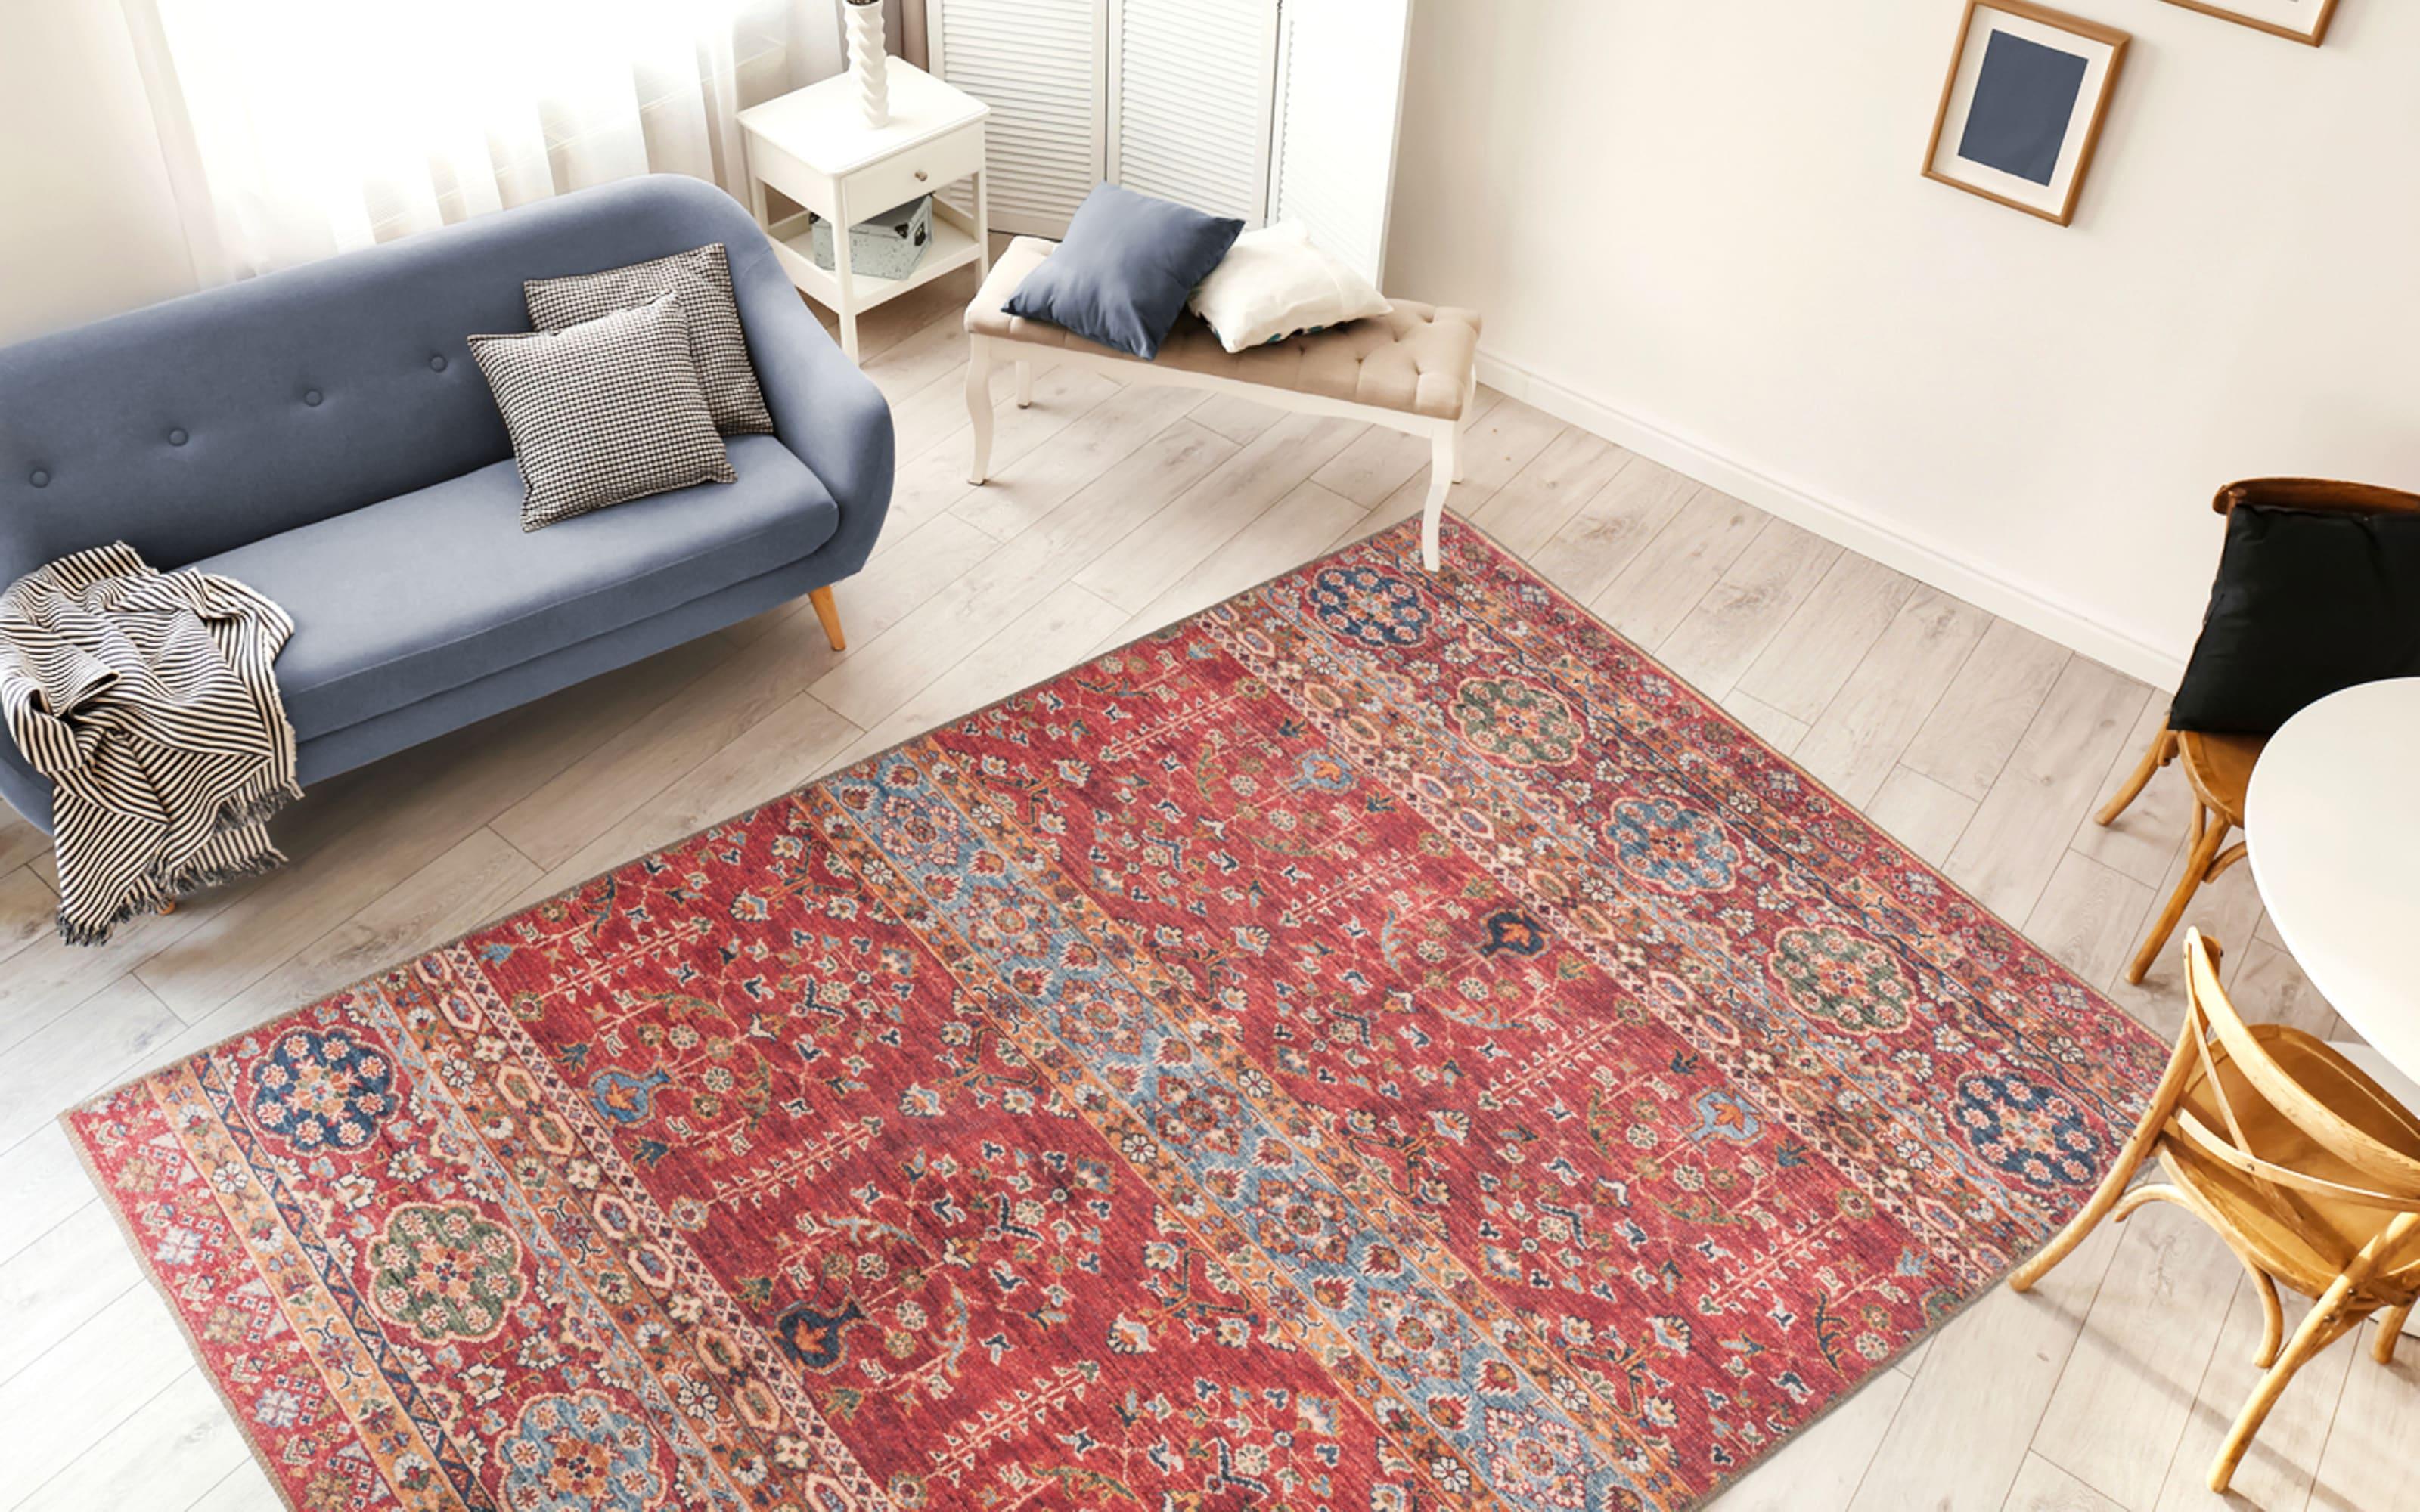 Teppich Faye 325 in multi/rot, ca. 150 x 230 cm